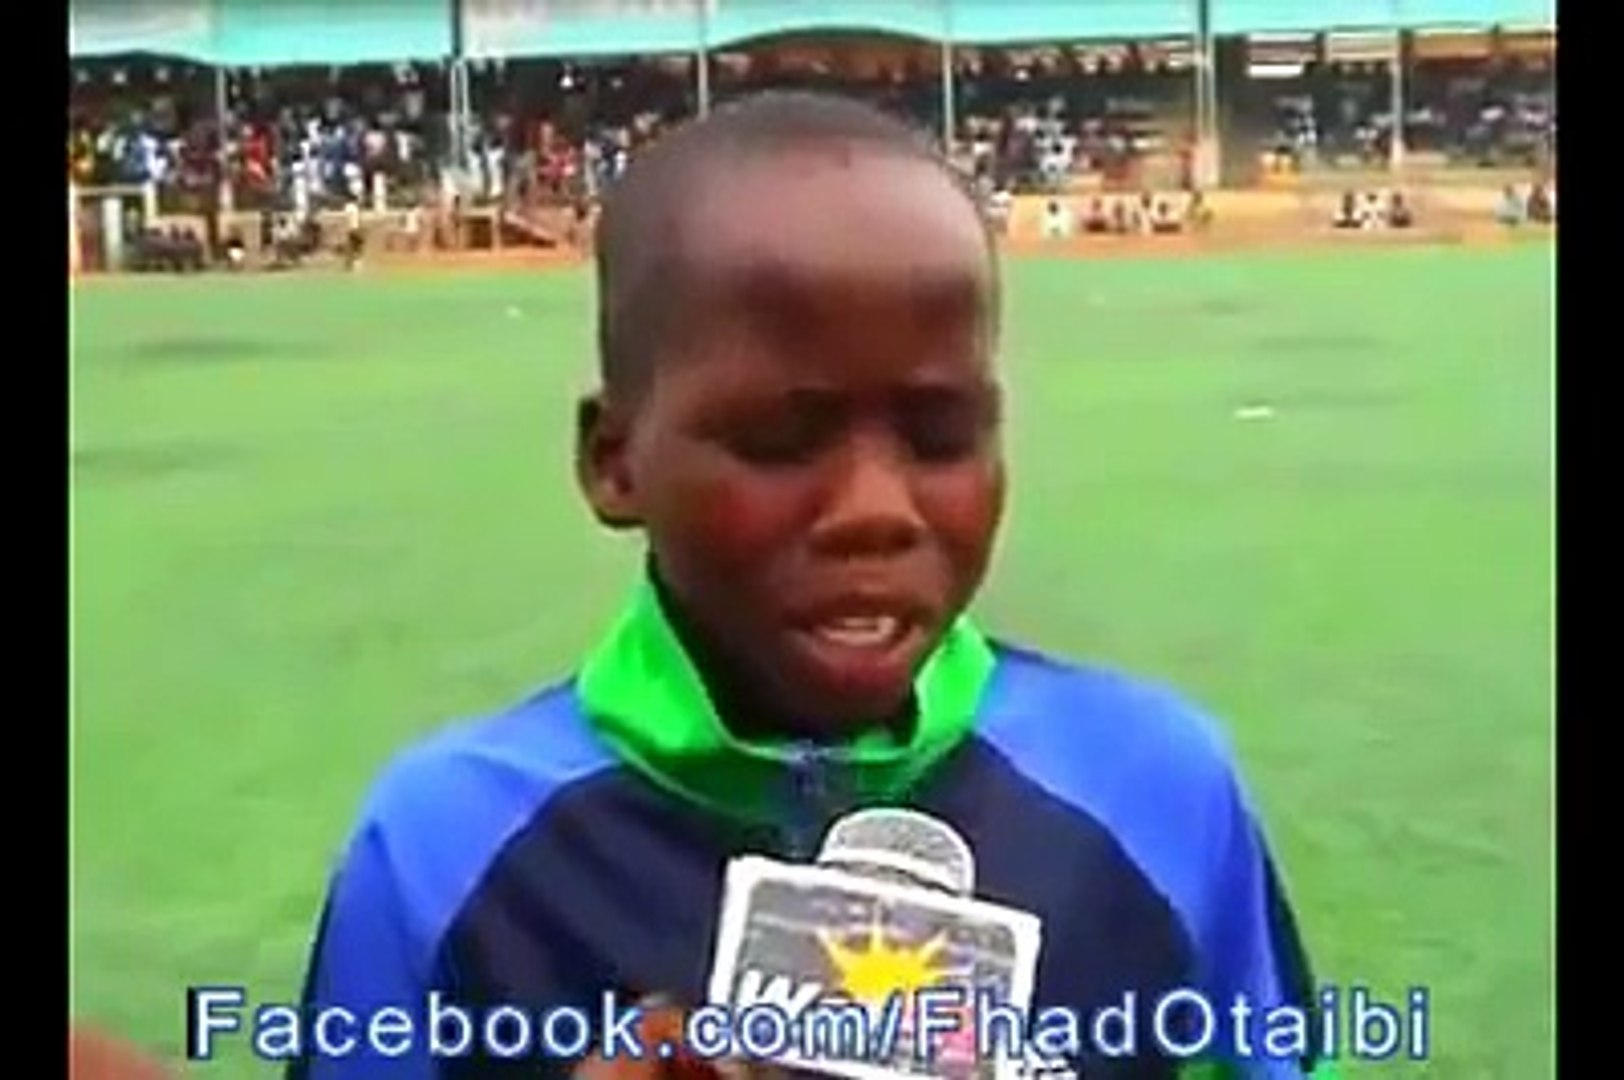 طفل افريقي يقلد المعلق فهد العتيبي رغم أنه لا يجيد اللغة العربية.